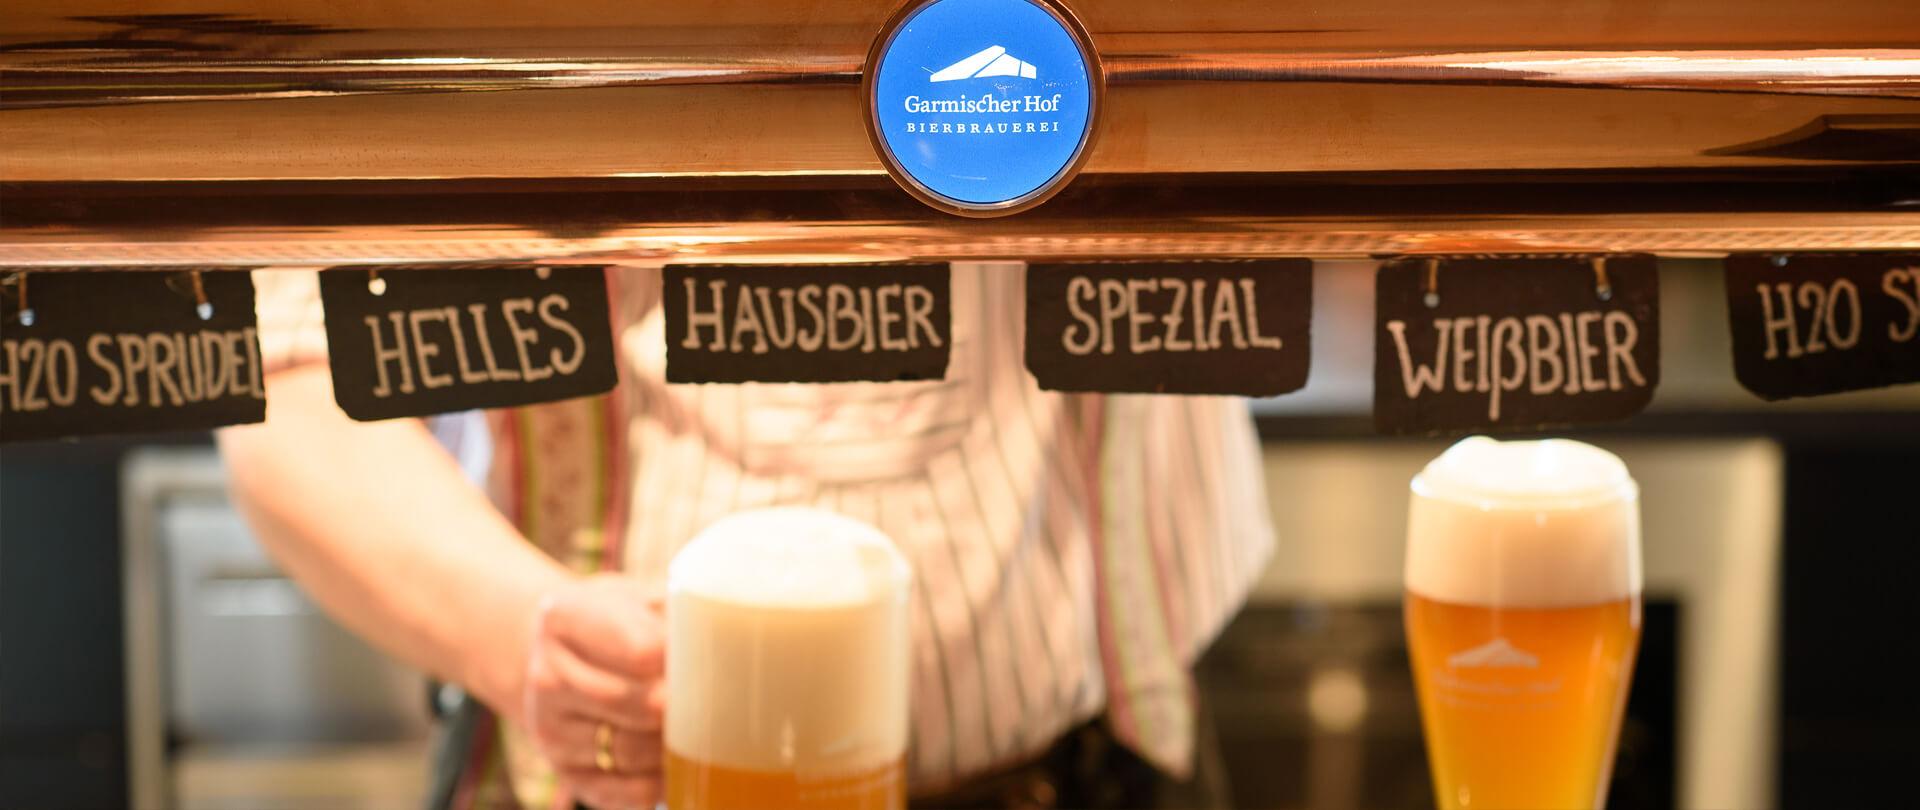 Garmischer Hof Bierbrauerei Bierzapfanlage